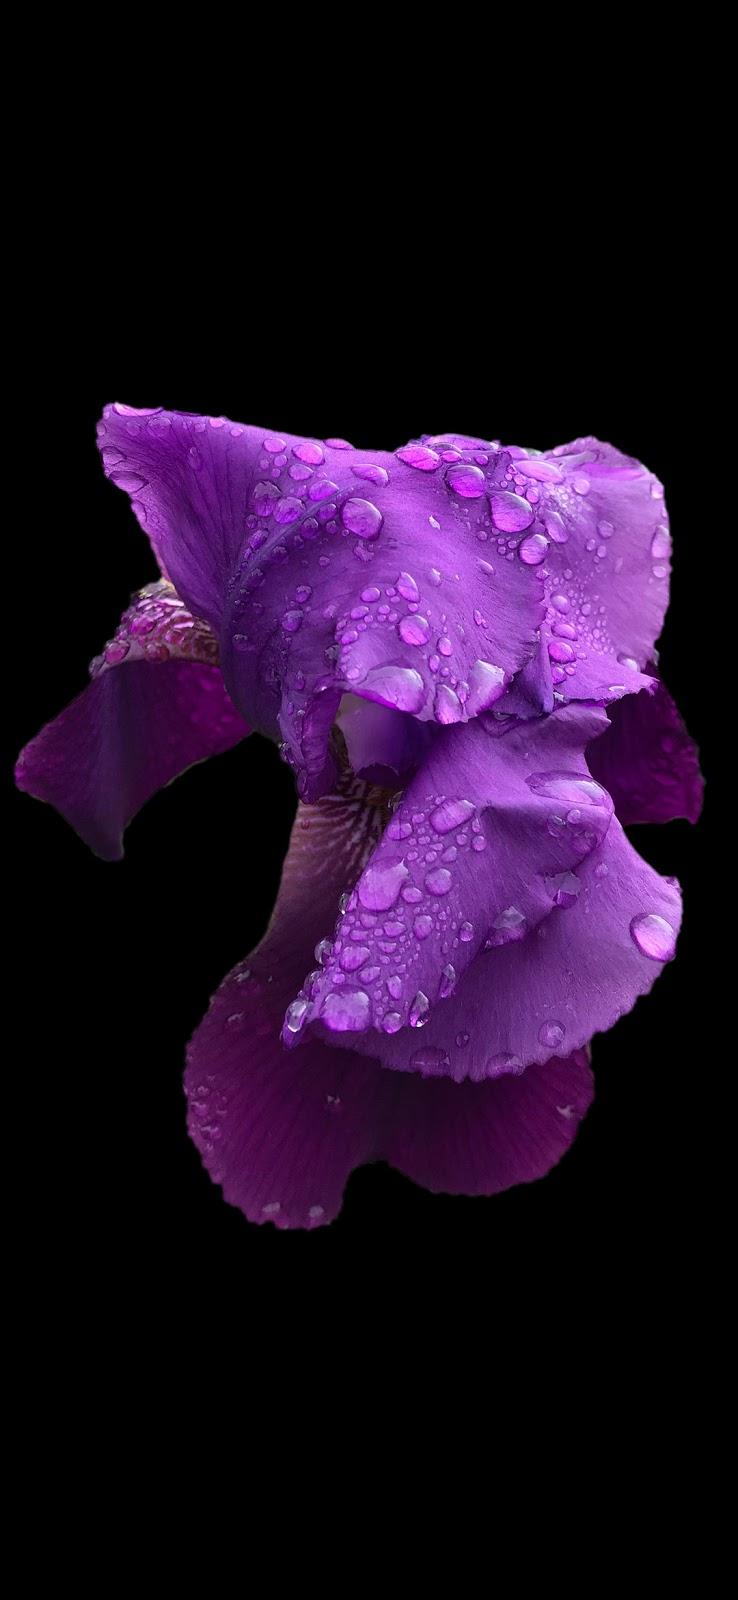 beautiful iris purple flower wallpaper